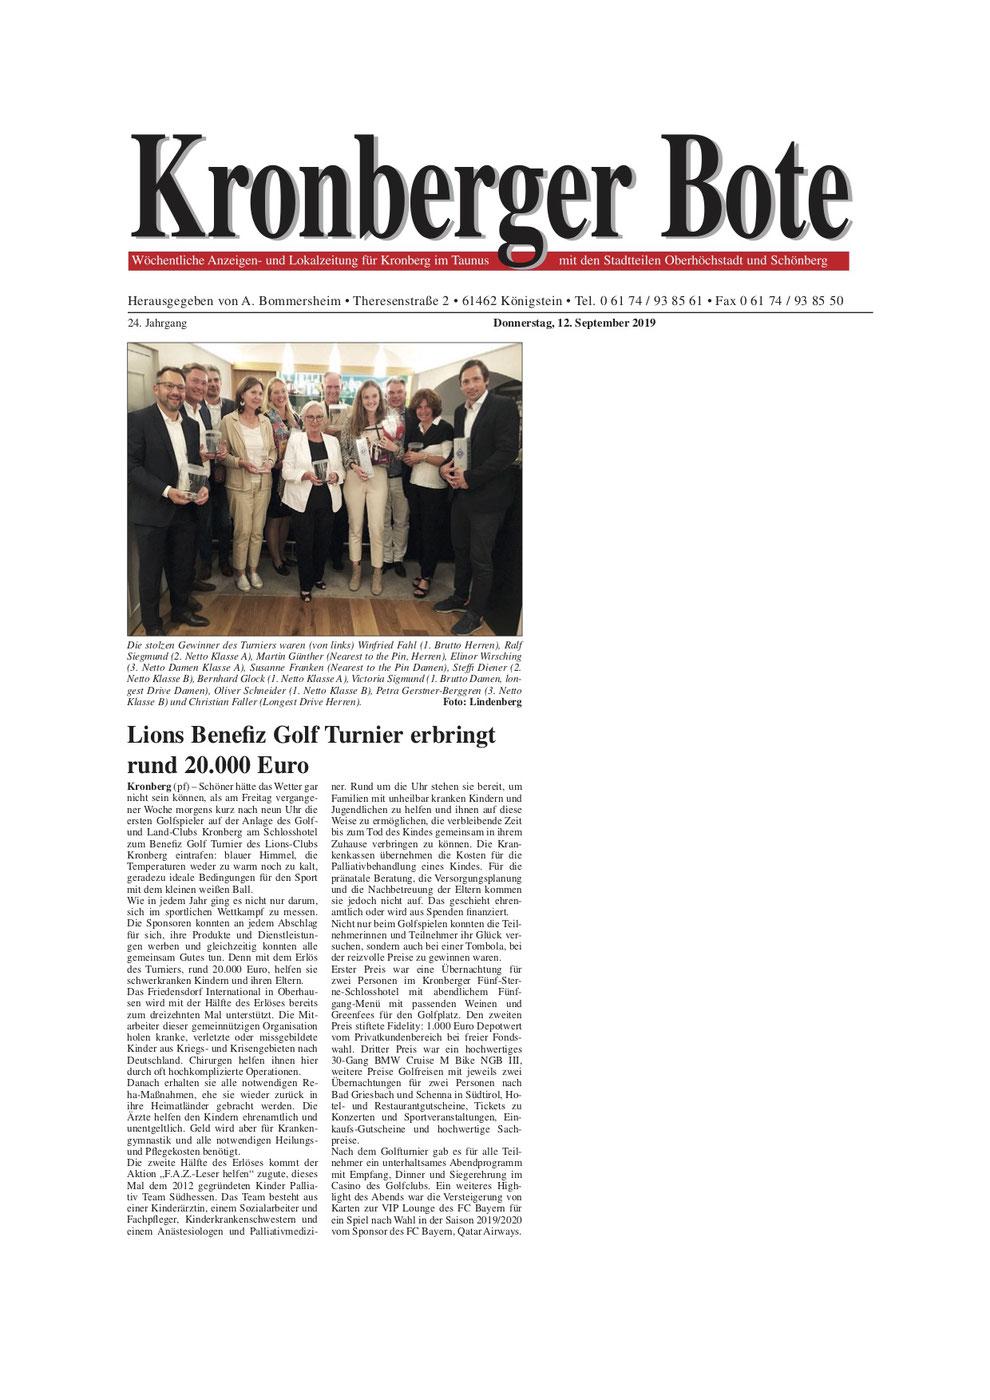 Kronberger Bote  Artikel Lions Benefiz Konzert erbringt rund 20.000 Euro - Lions Kronberg